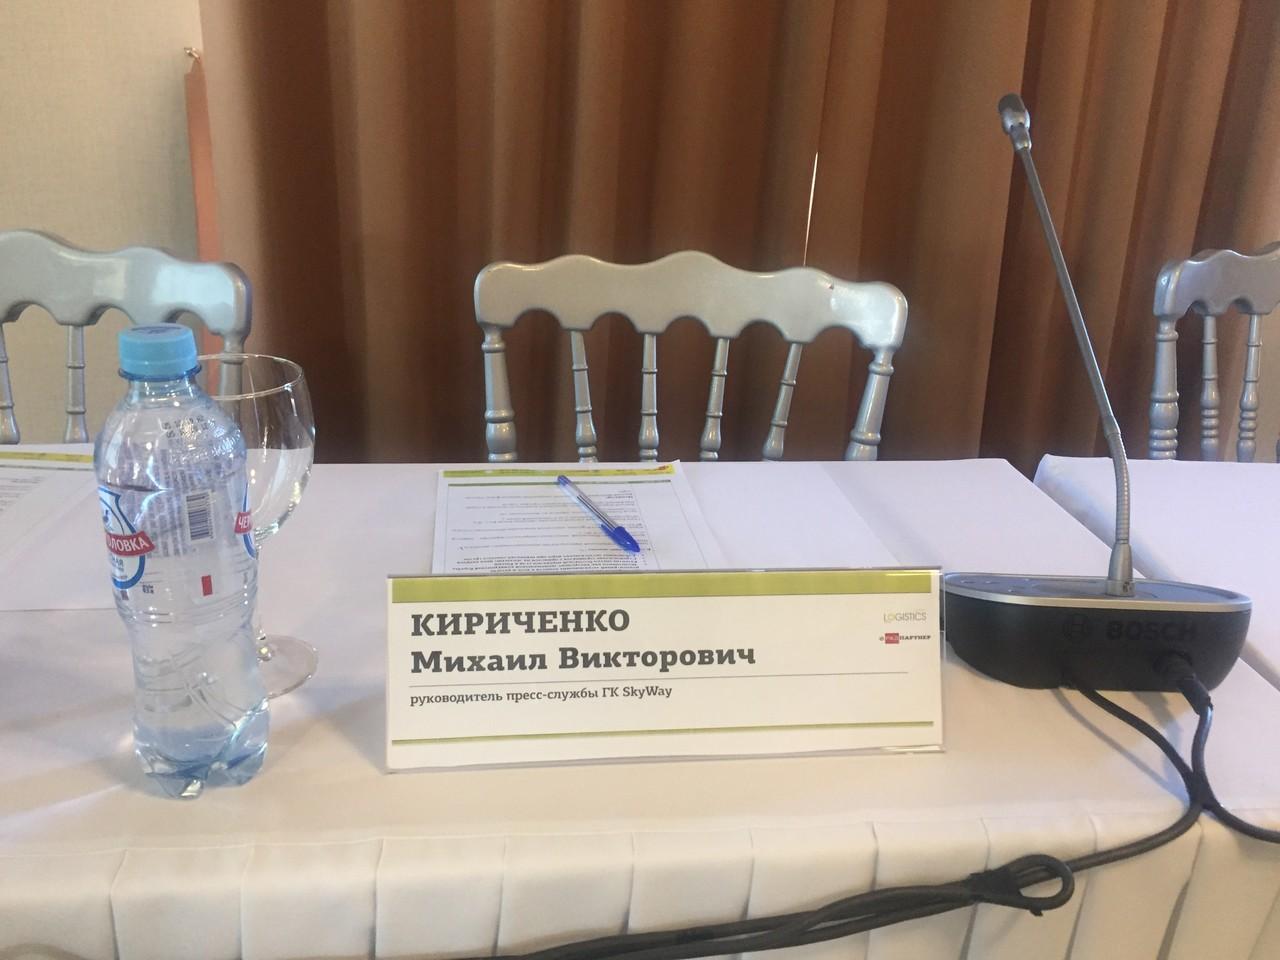 Комментарий представителя ЗАО Струнные технологии Михаила Криченко (1)